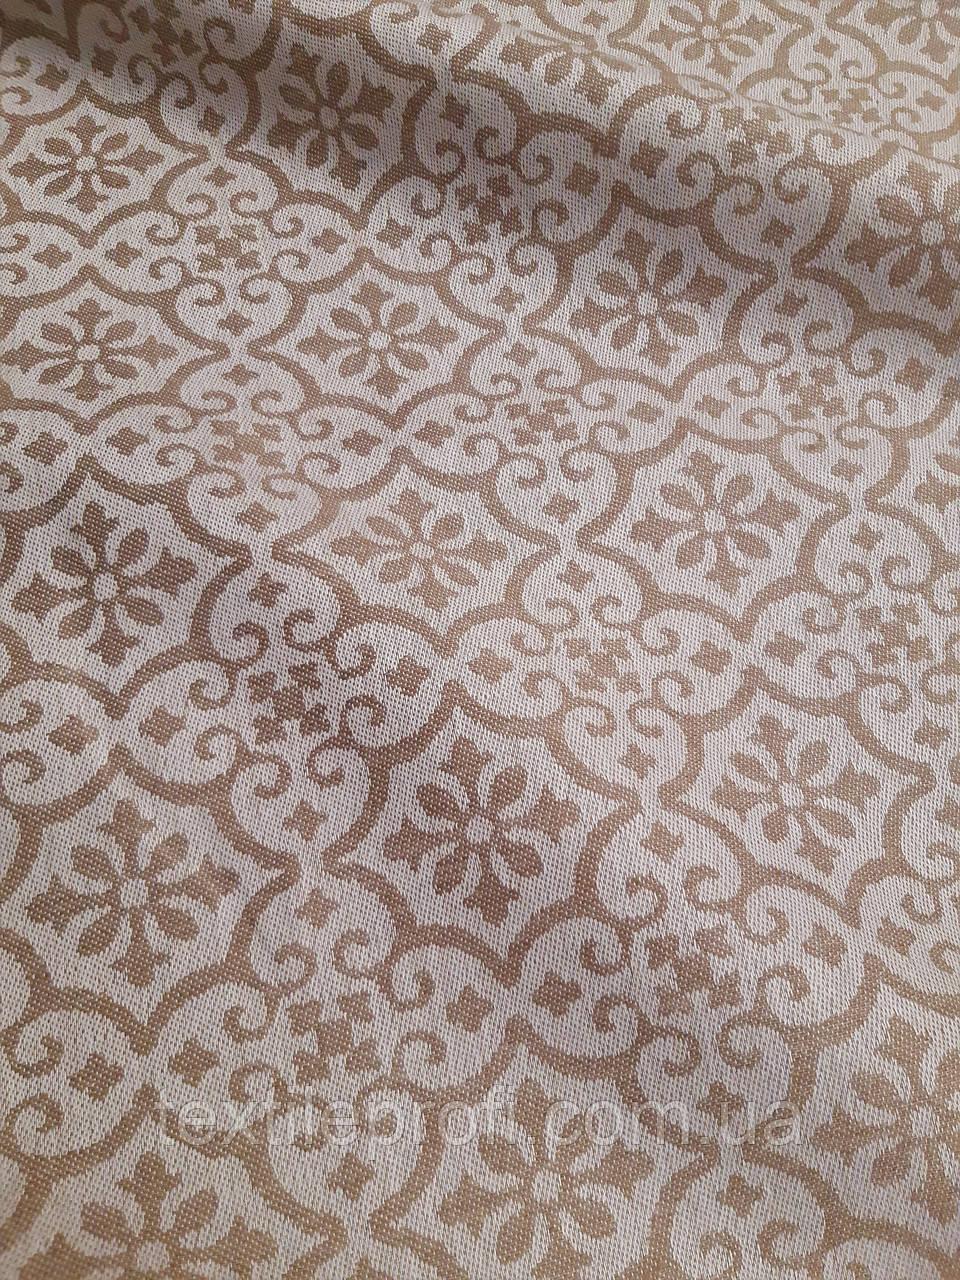 """Льняная плотная скатертная ткань """"Геометрика"""" (шир. 160 см), фото 1"""